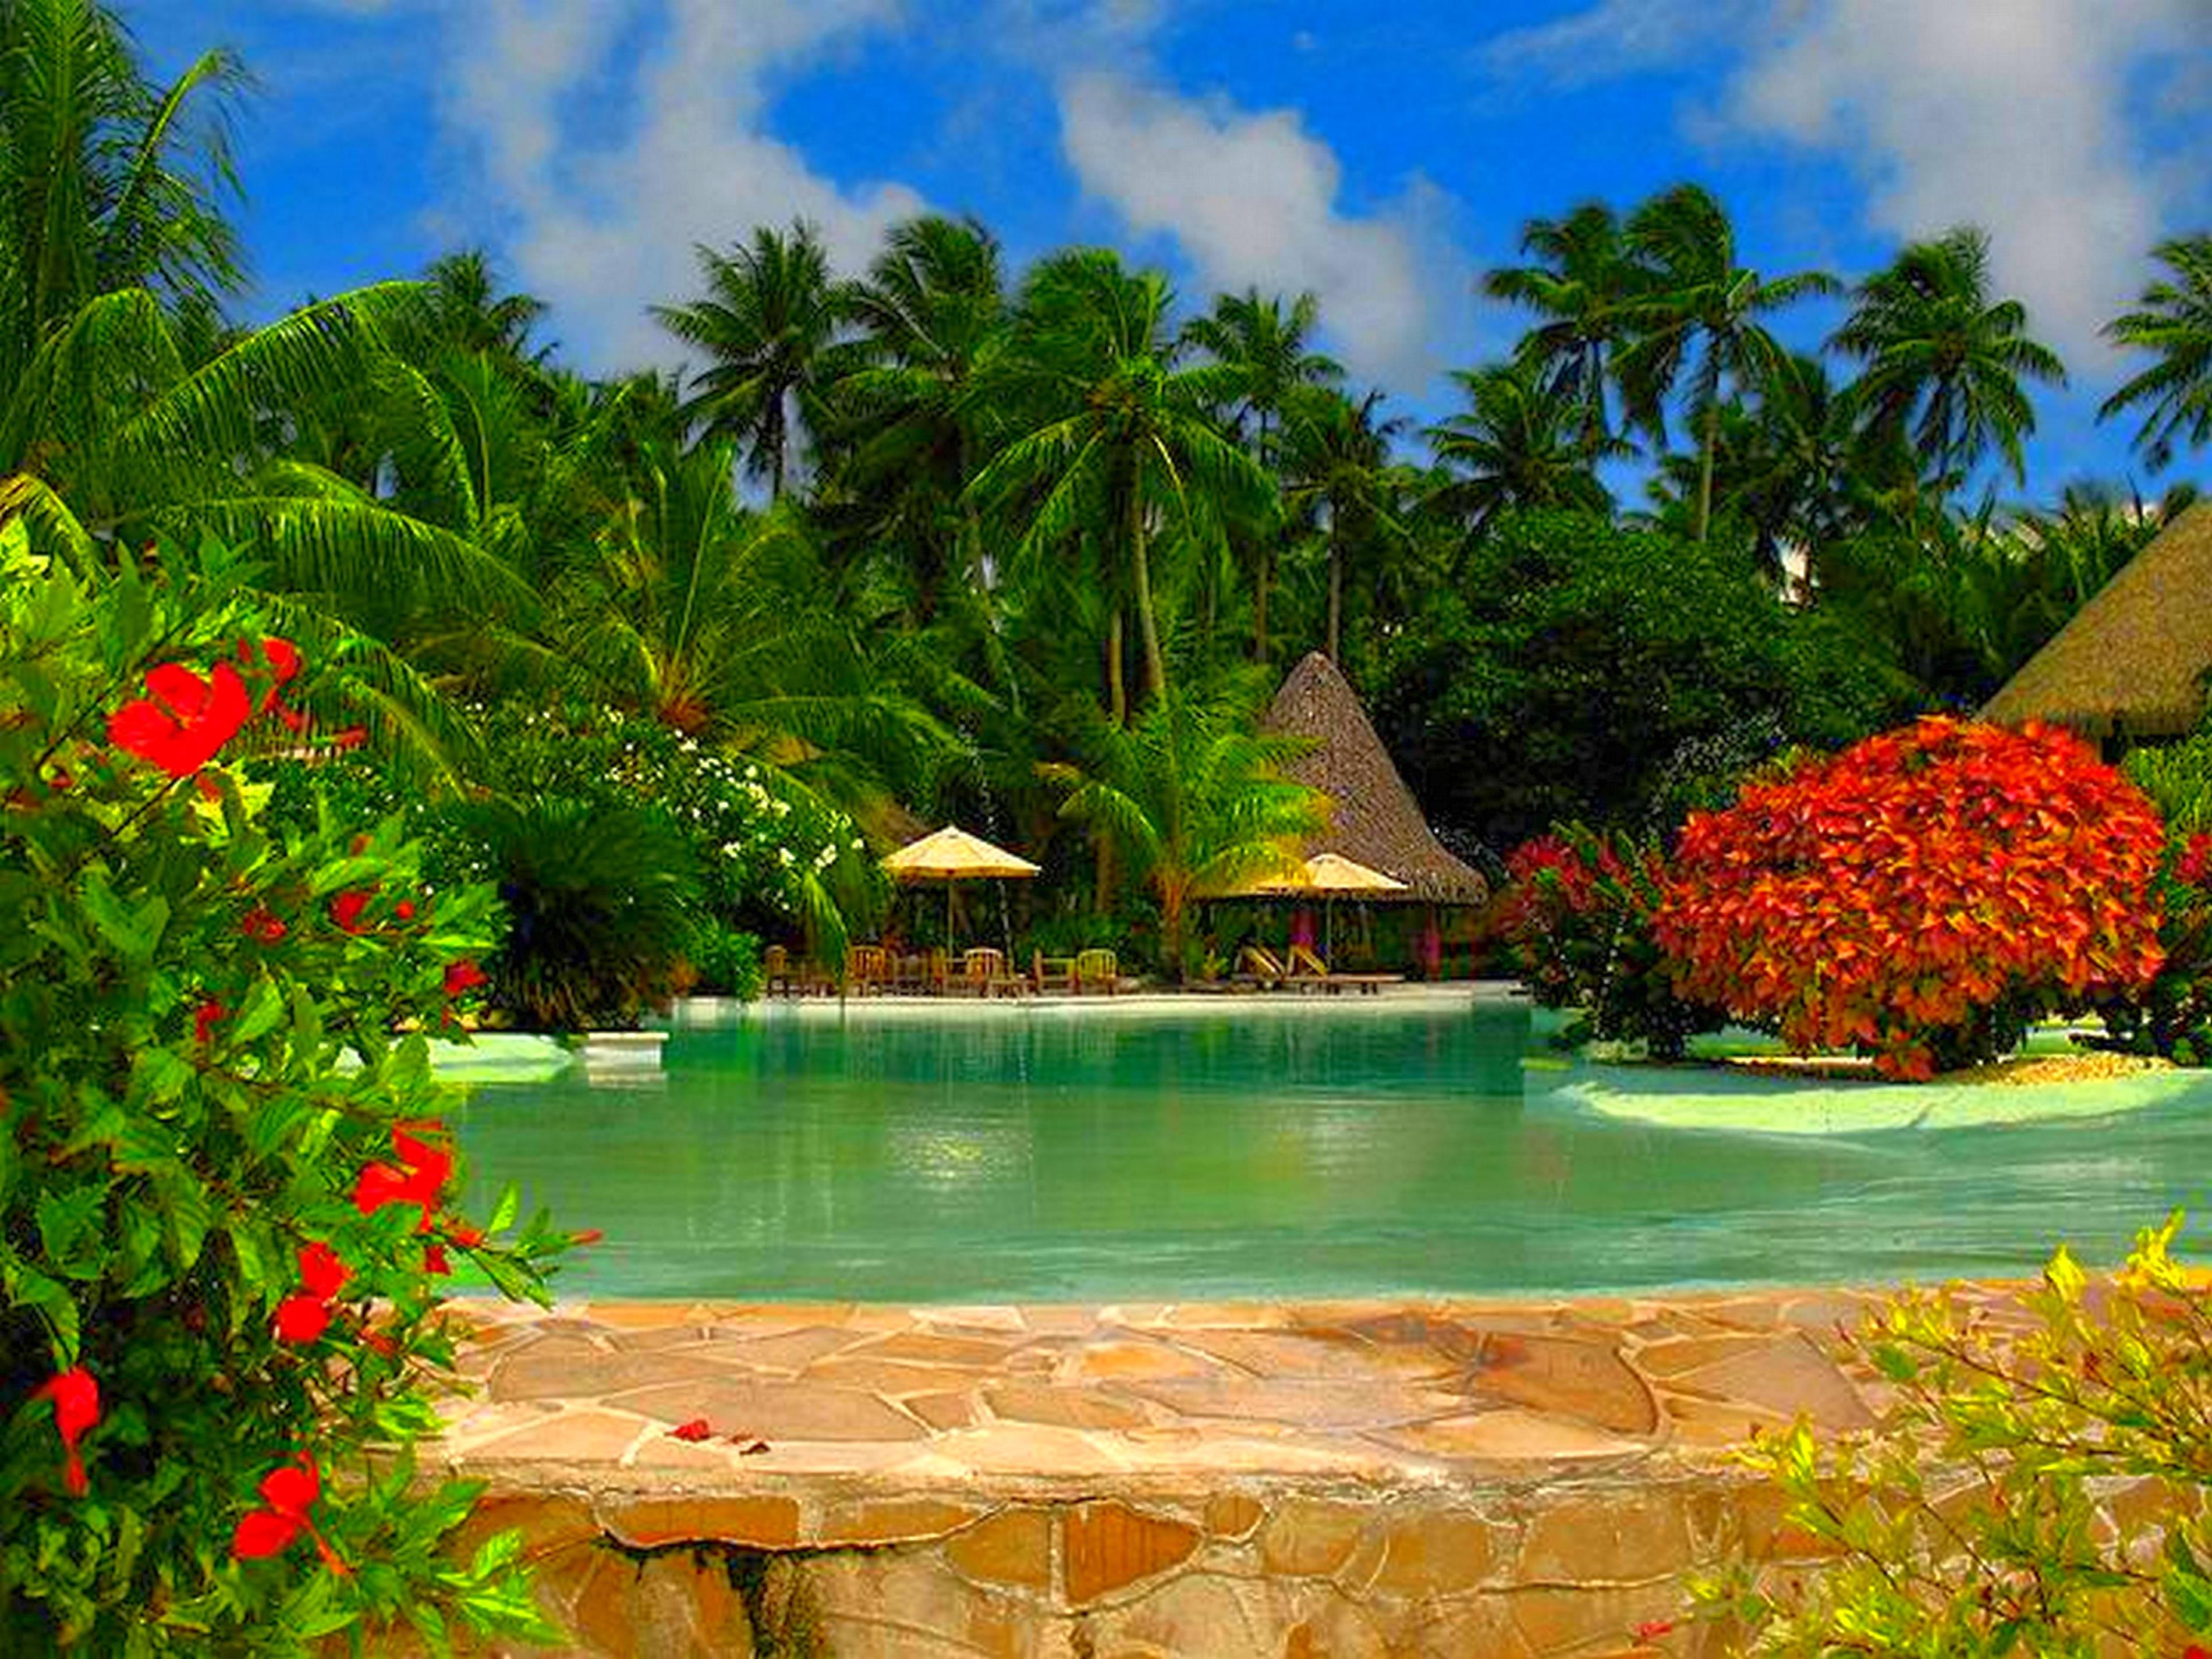 картинки о природе рай различные интересные